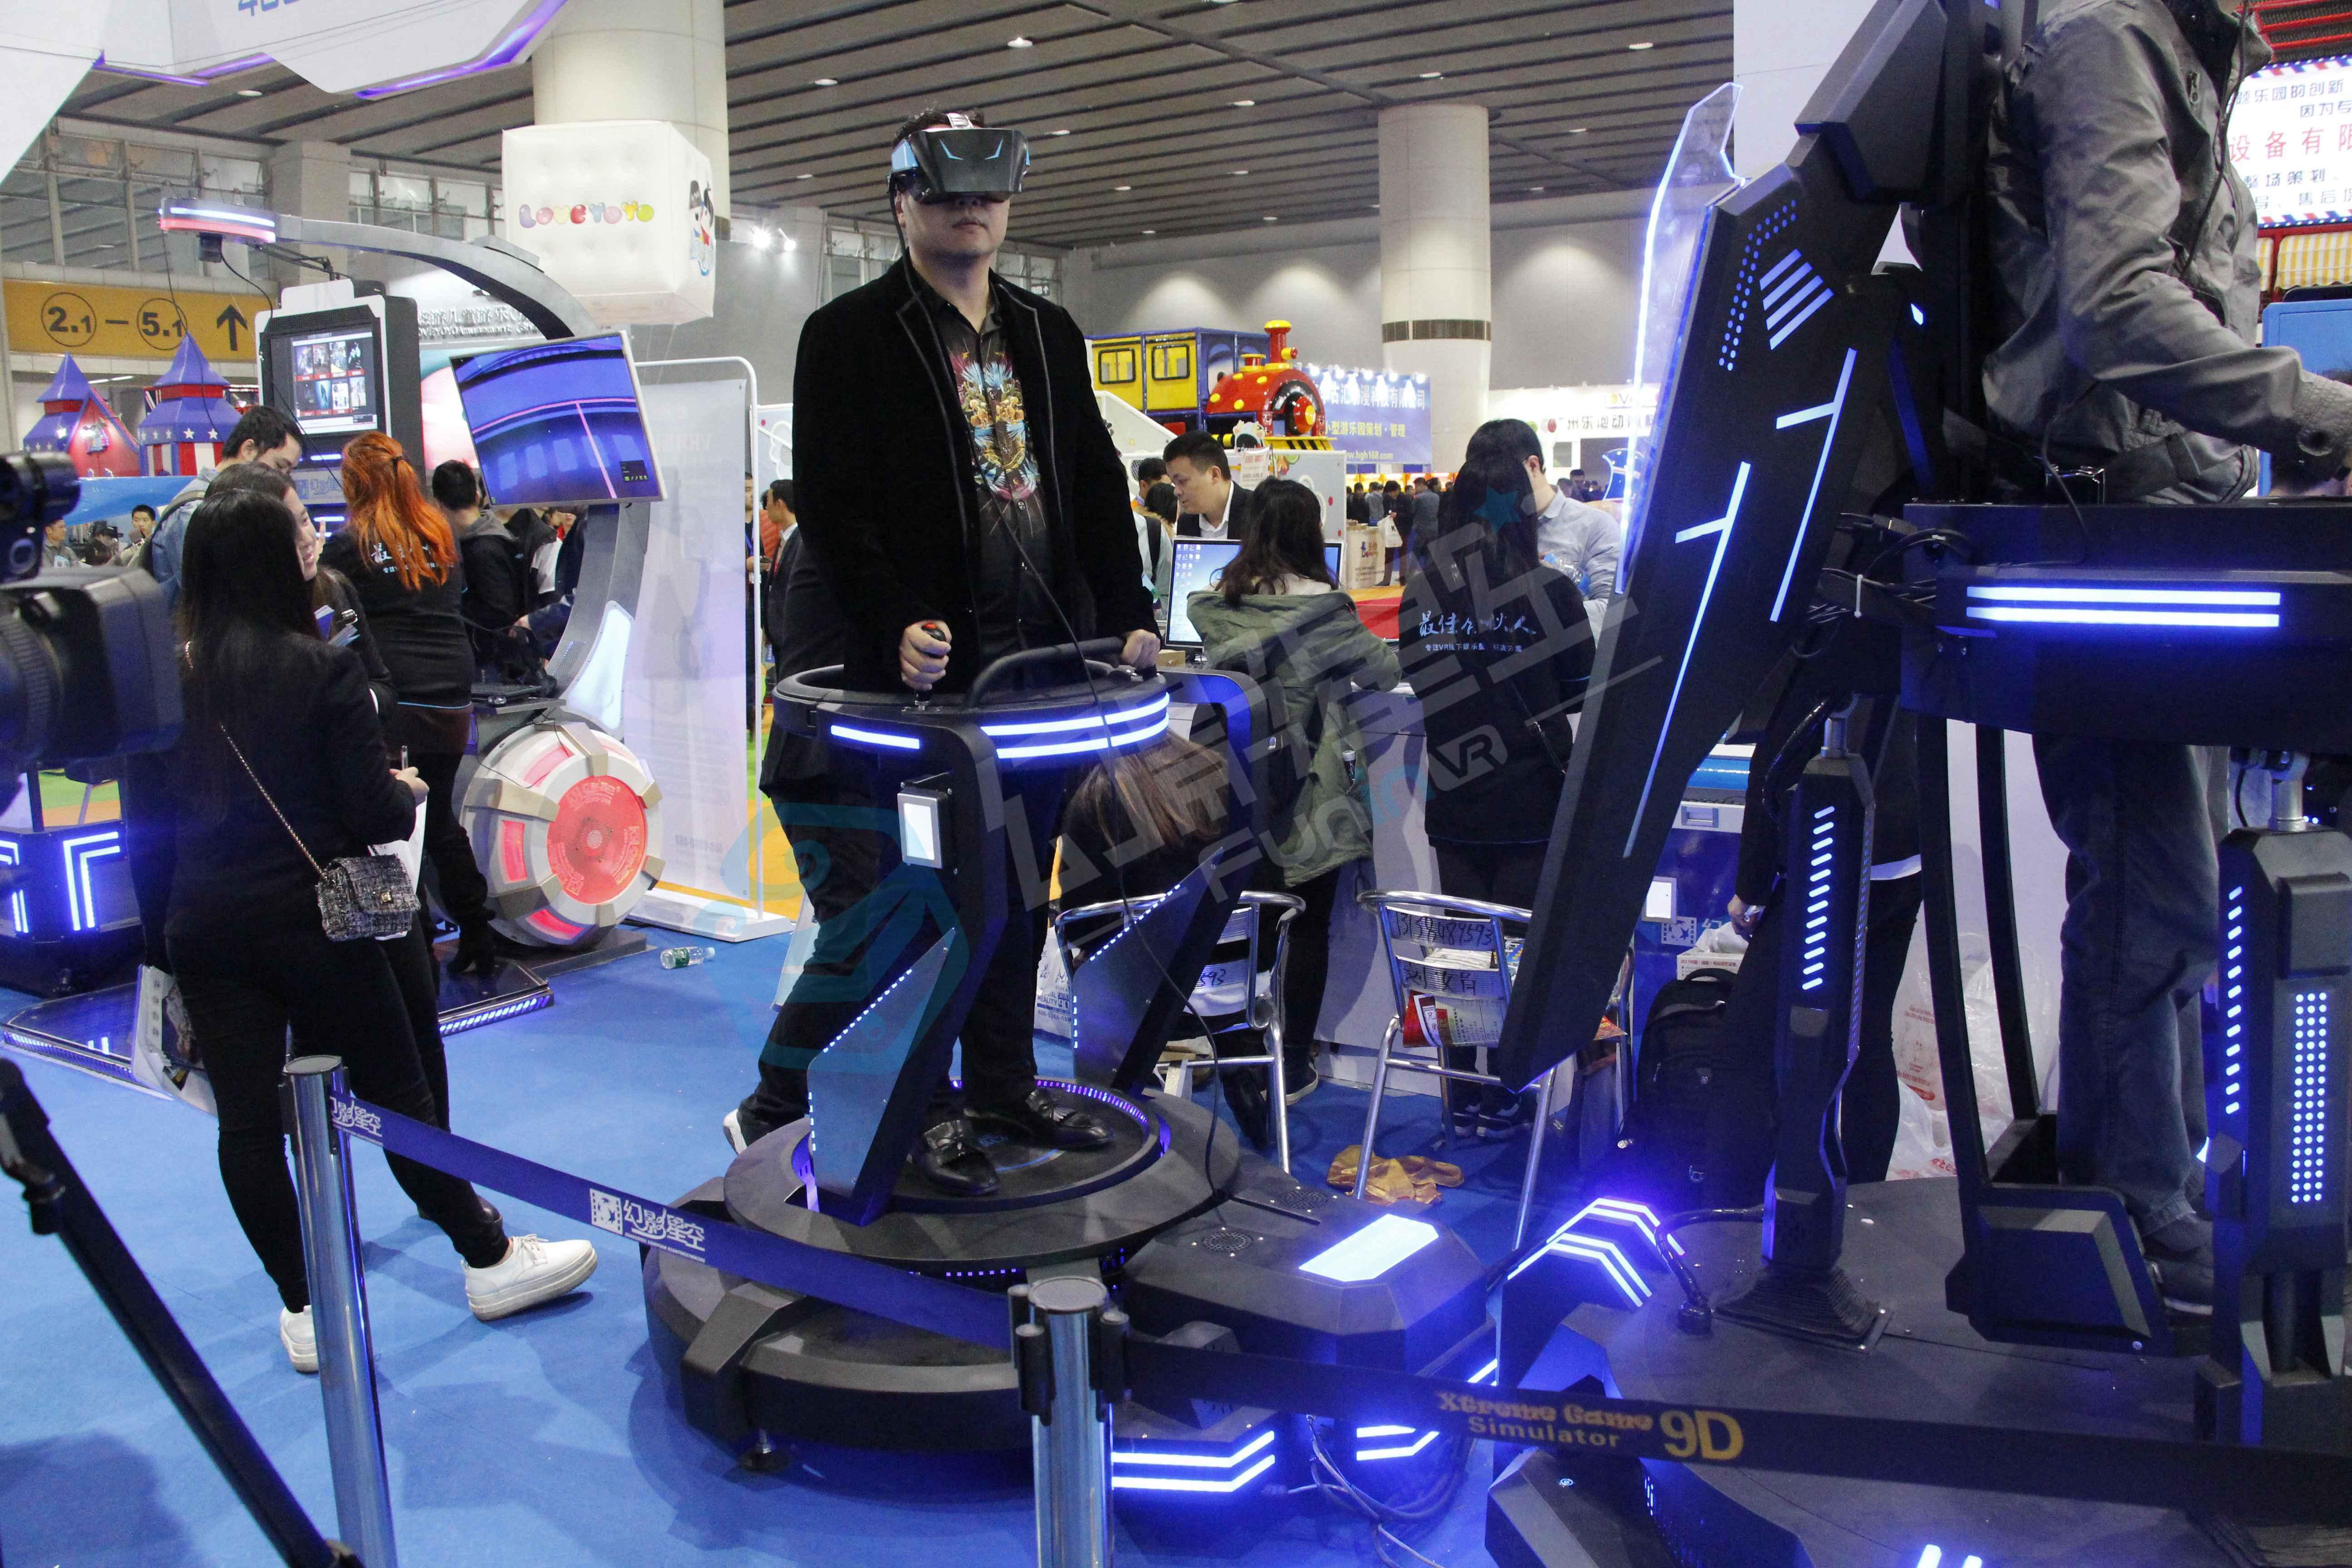 vr体验店多少钱,VR虚拟现实体验馆设备价格